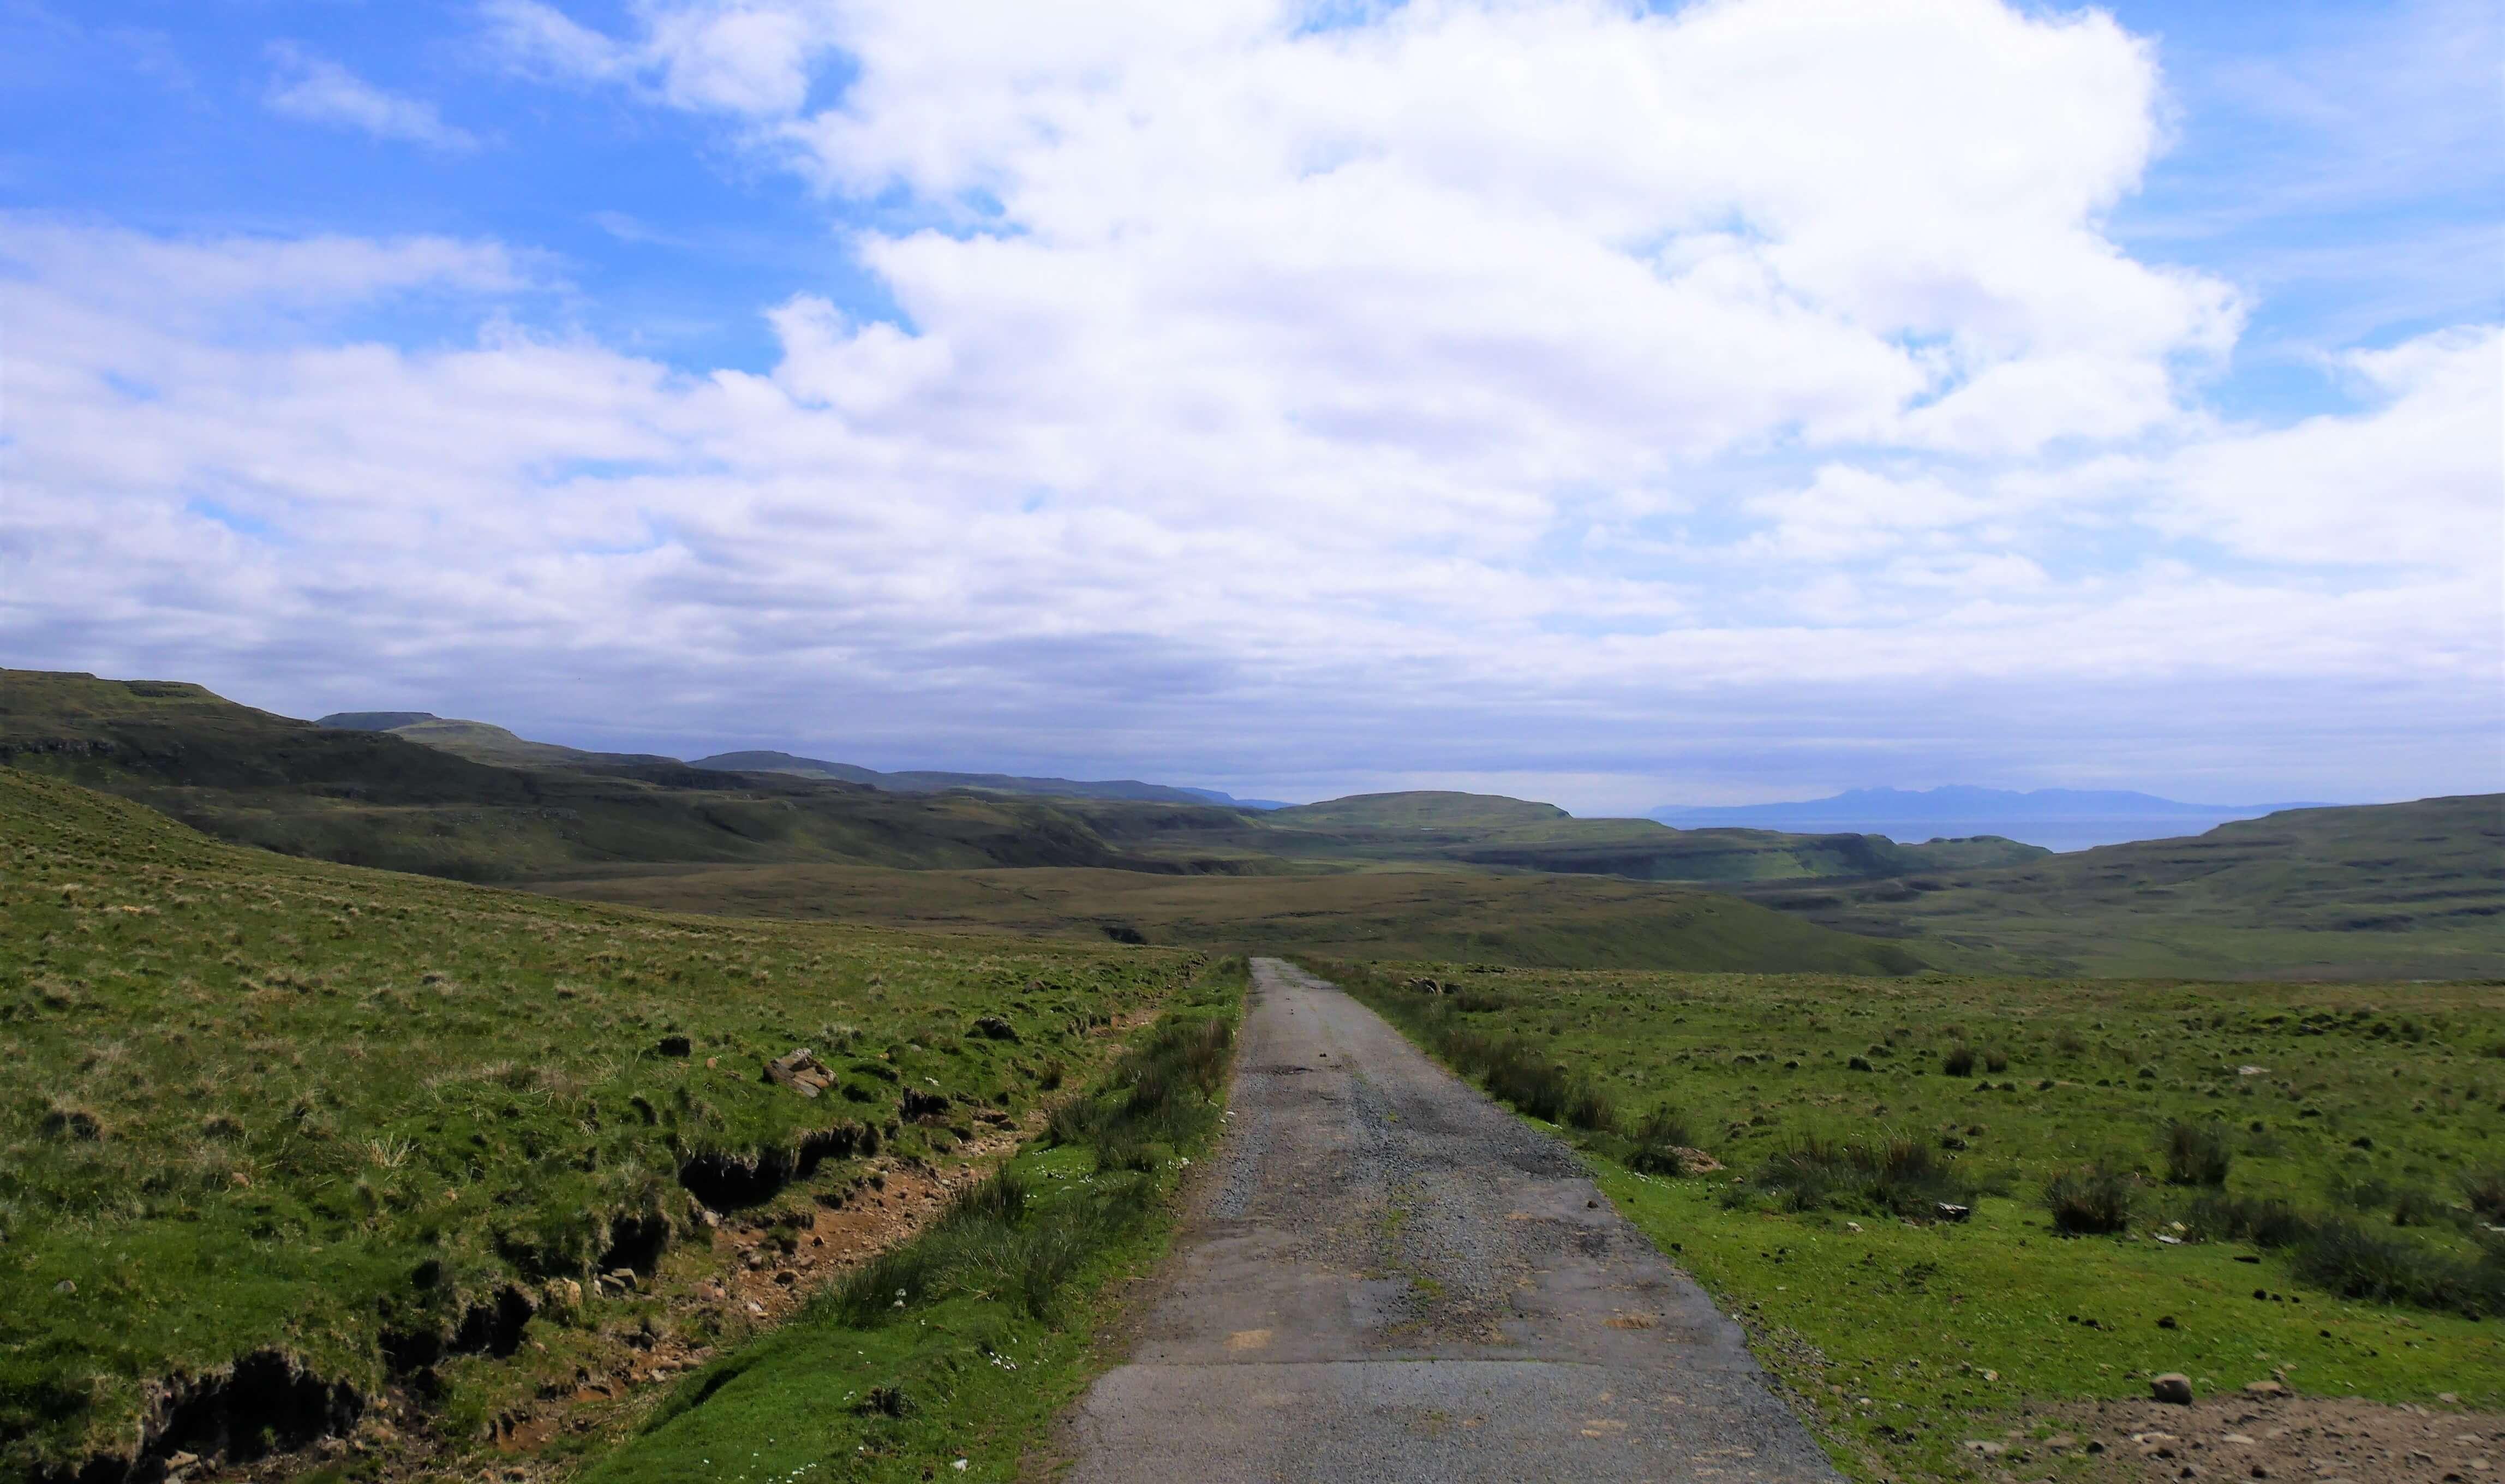 Un road trip qui devient un off-Road trip